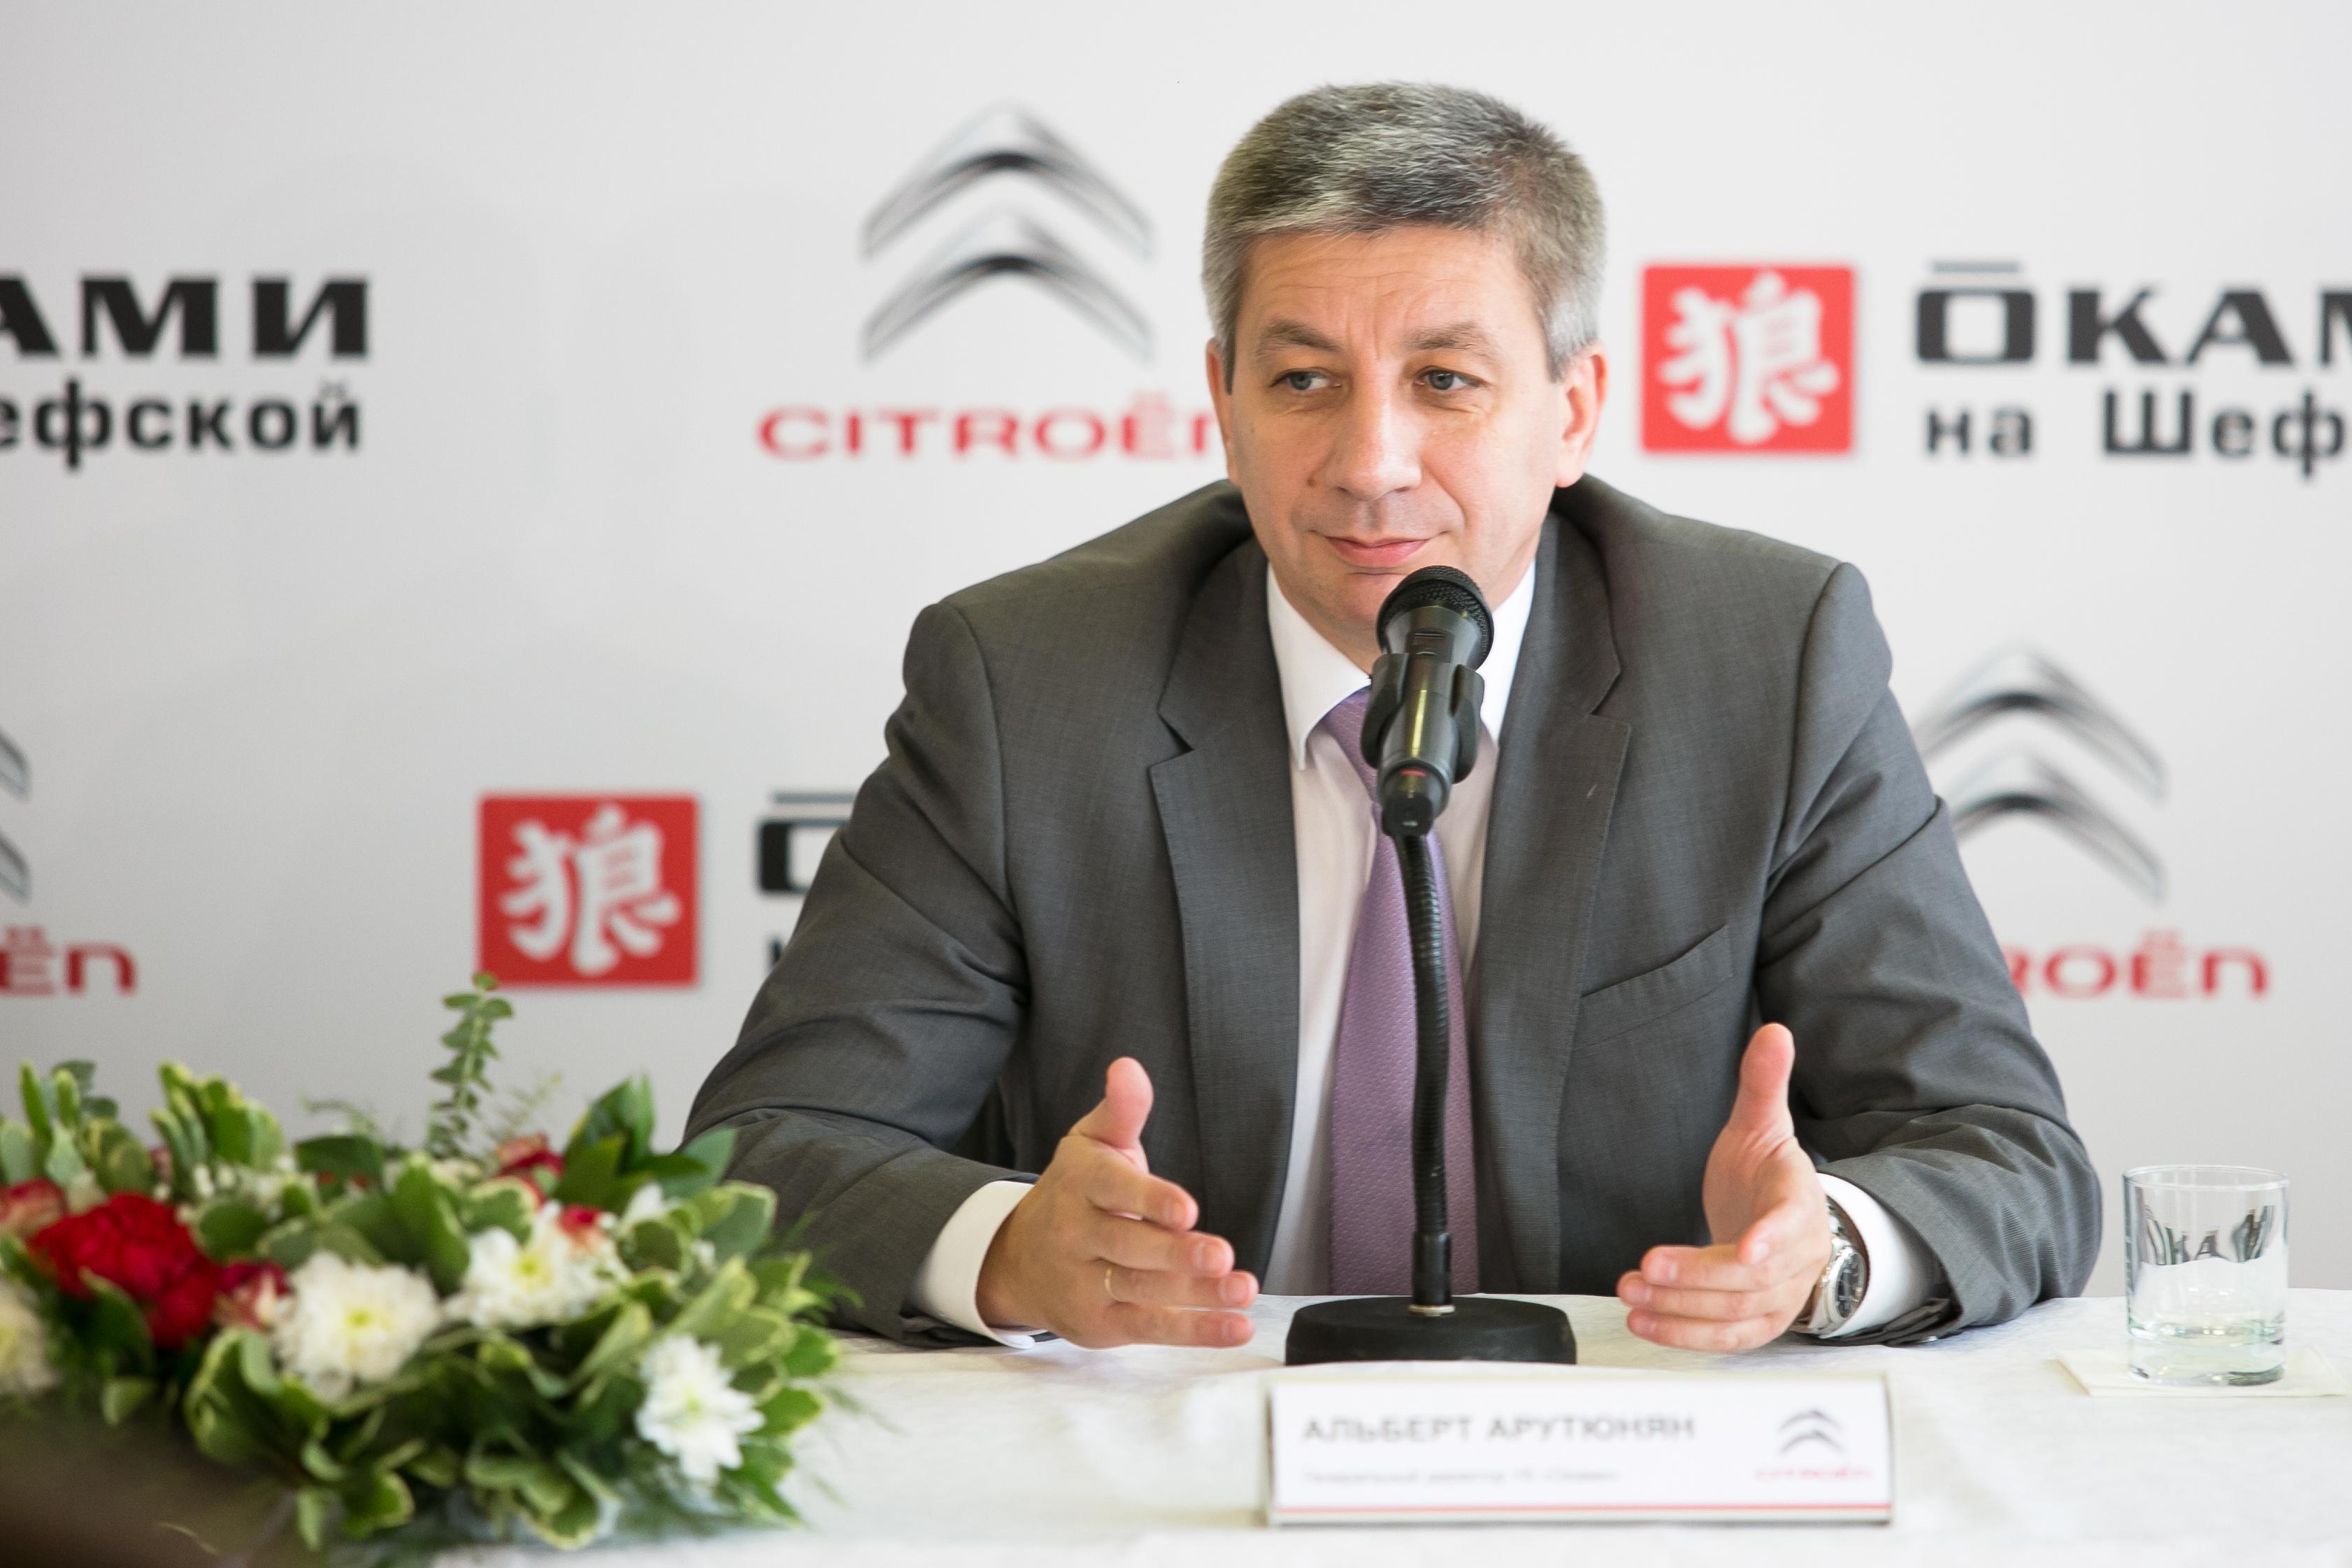 Альберт Арутюнян, «Оками»: «Скидок ждать больше не стоит. Как и падения цен на авто»